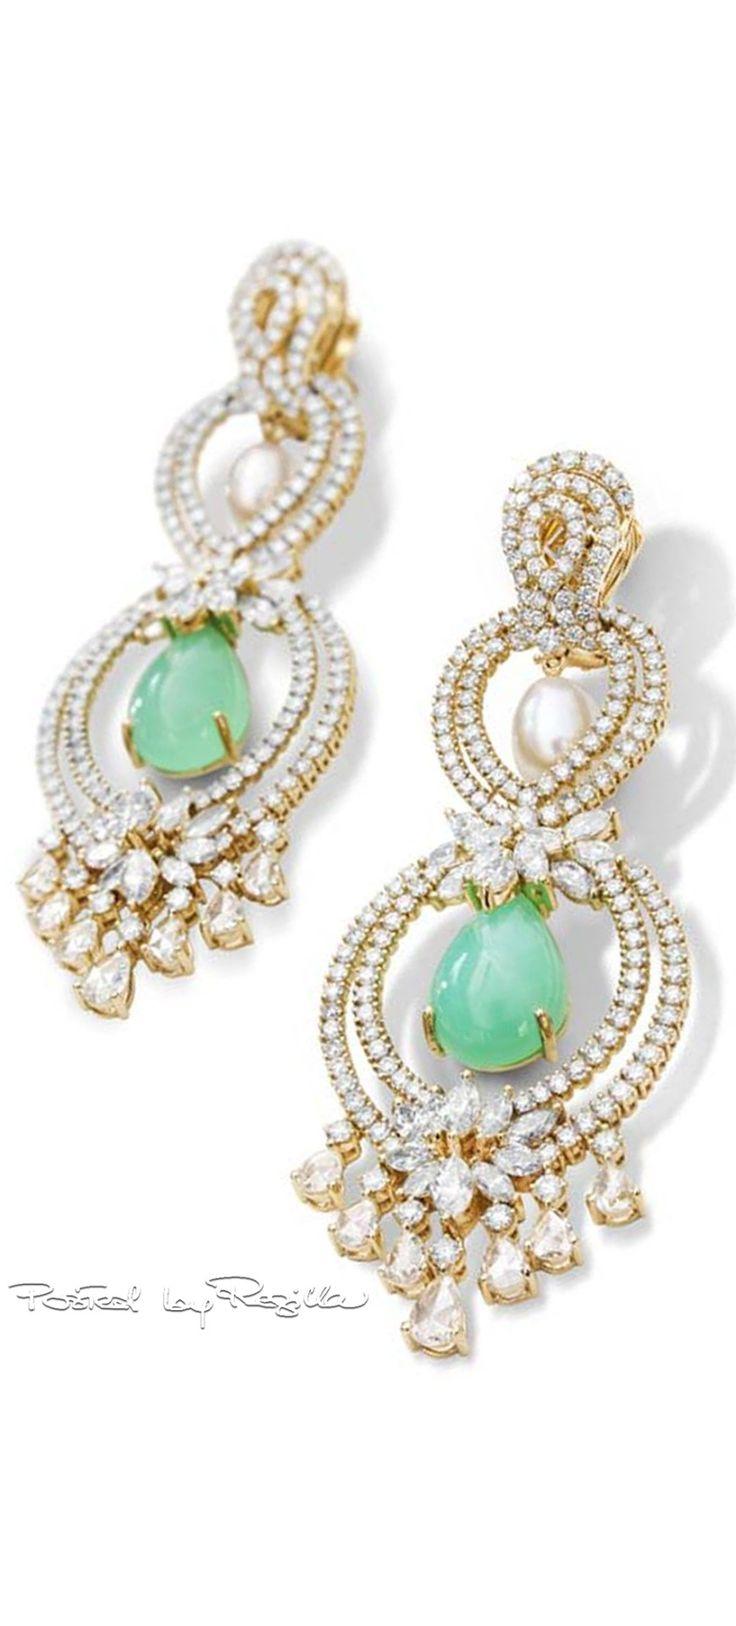 http://rubies.work/0996-semi-precious-gemstone/ Regilla ⚜ Farah Khan